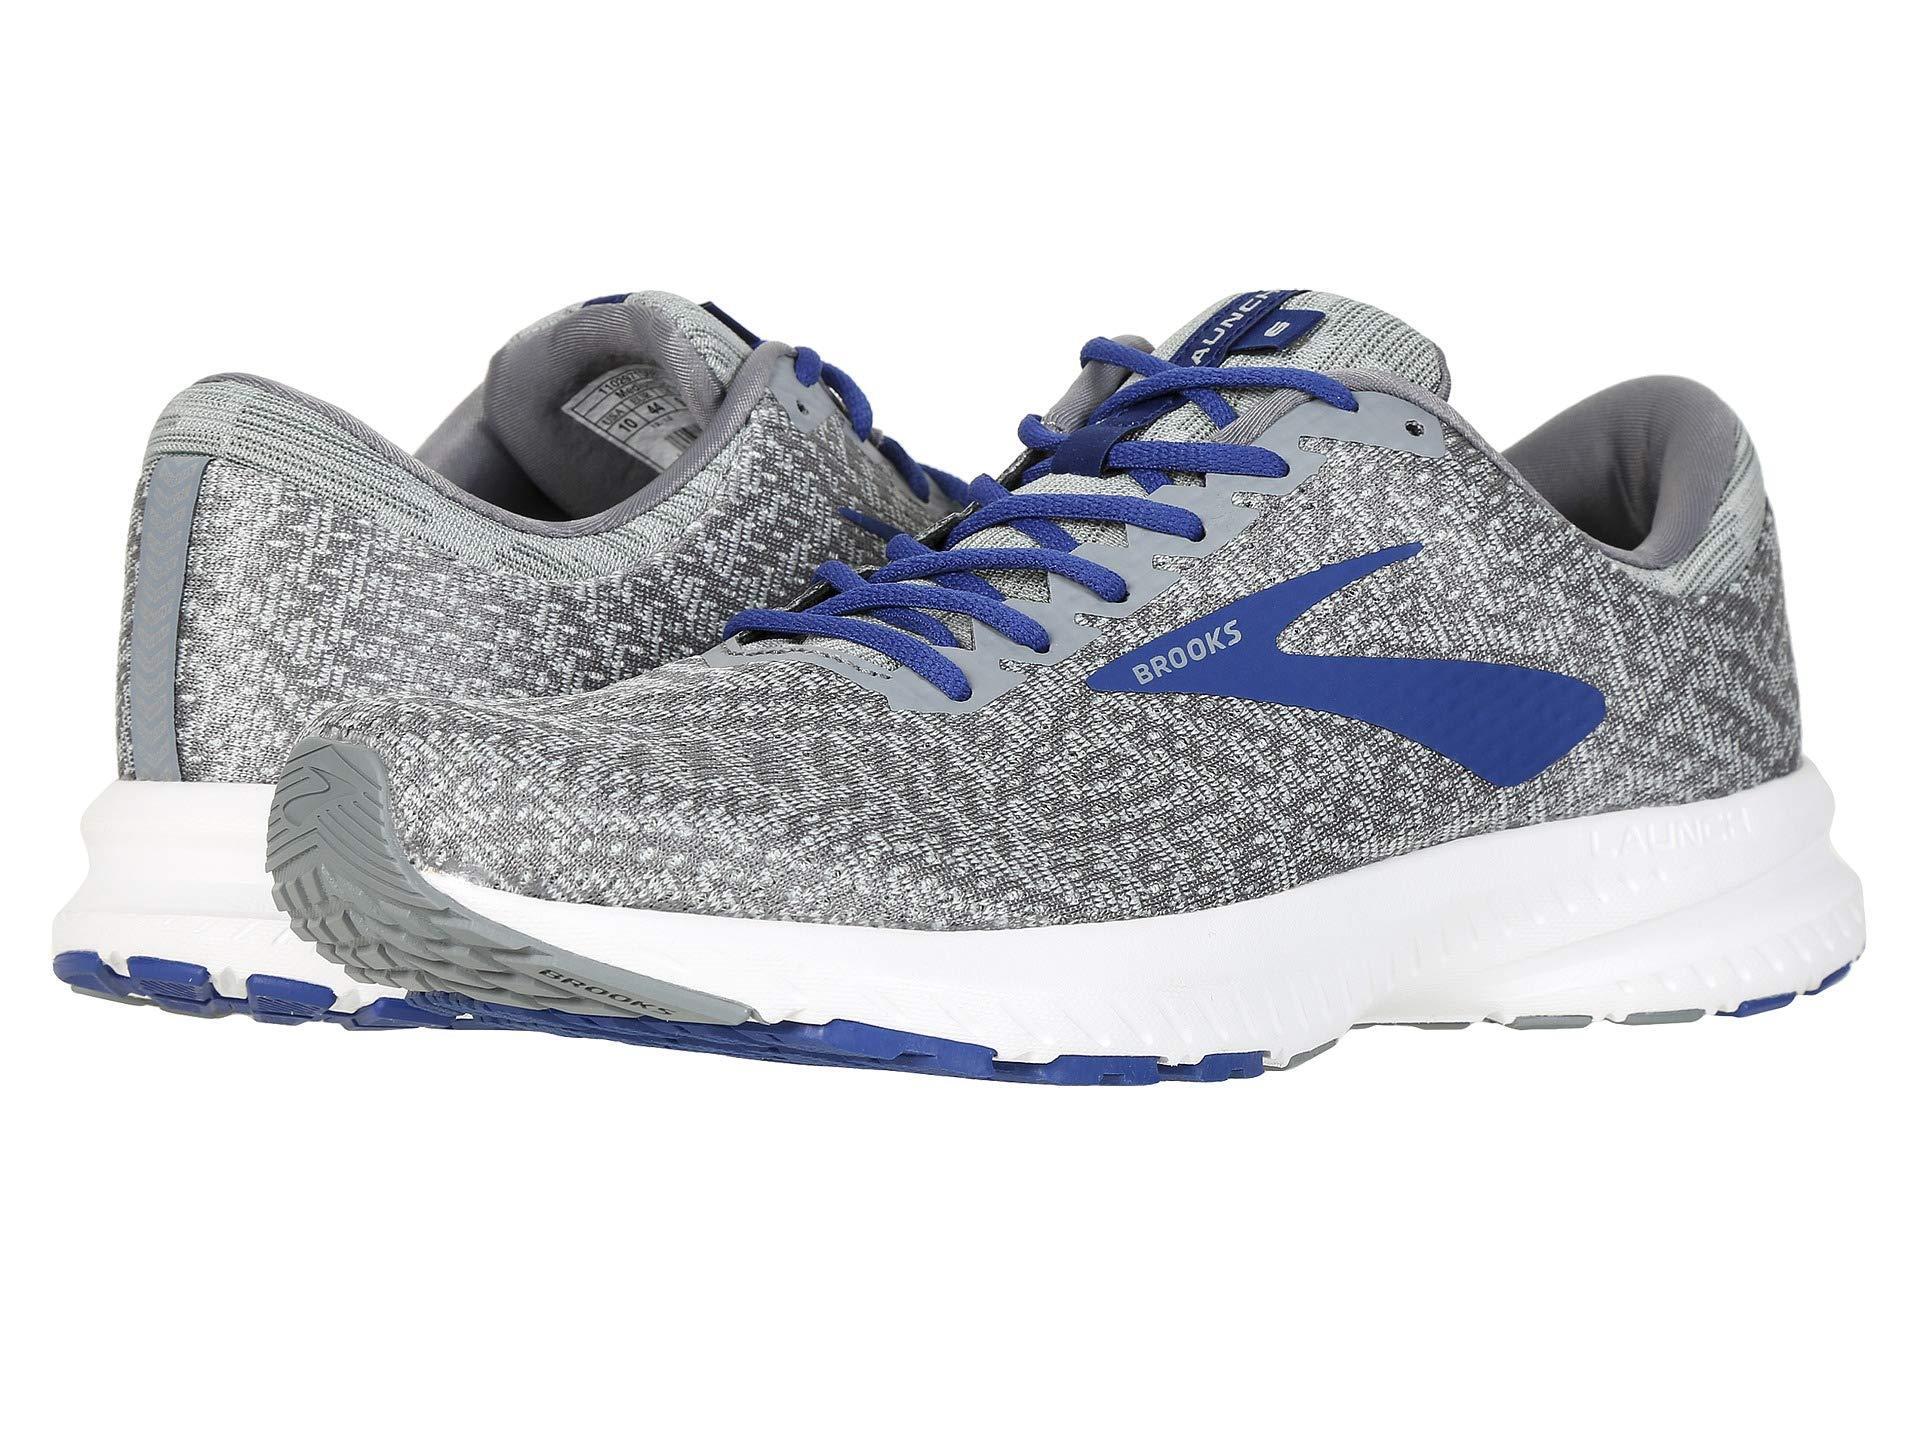 5ebcd68e58d Brooks - Blue Launch 6 (peacoat primer silver) Men s Running Shoes for.  View fullscreen